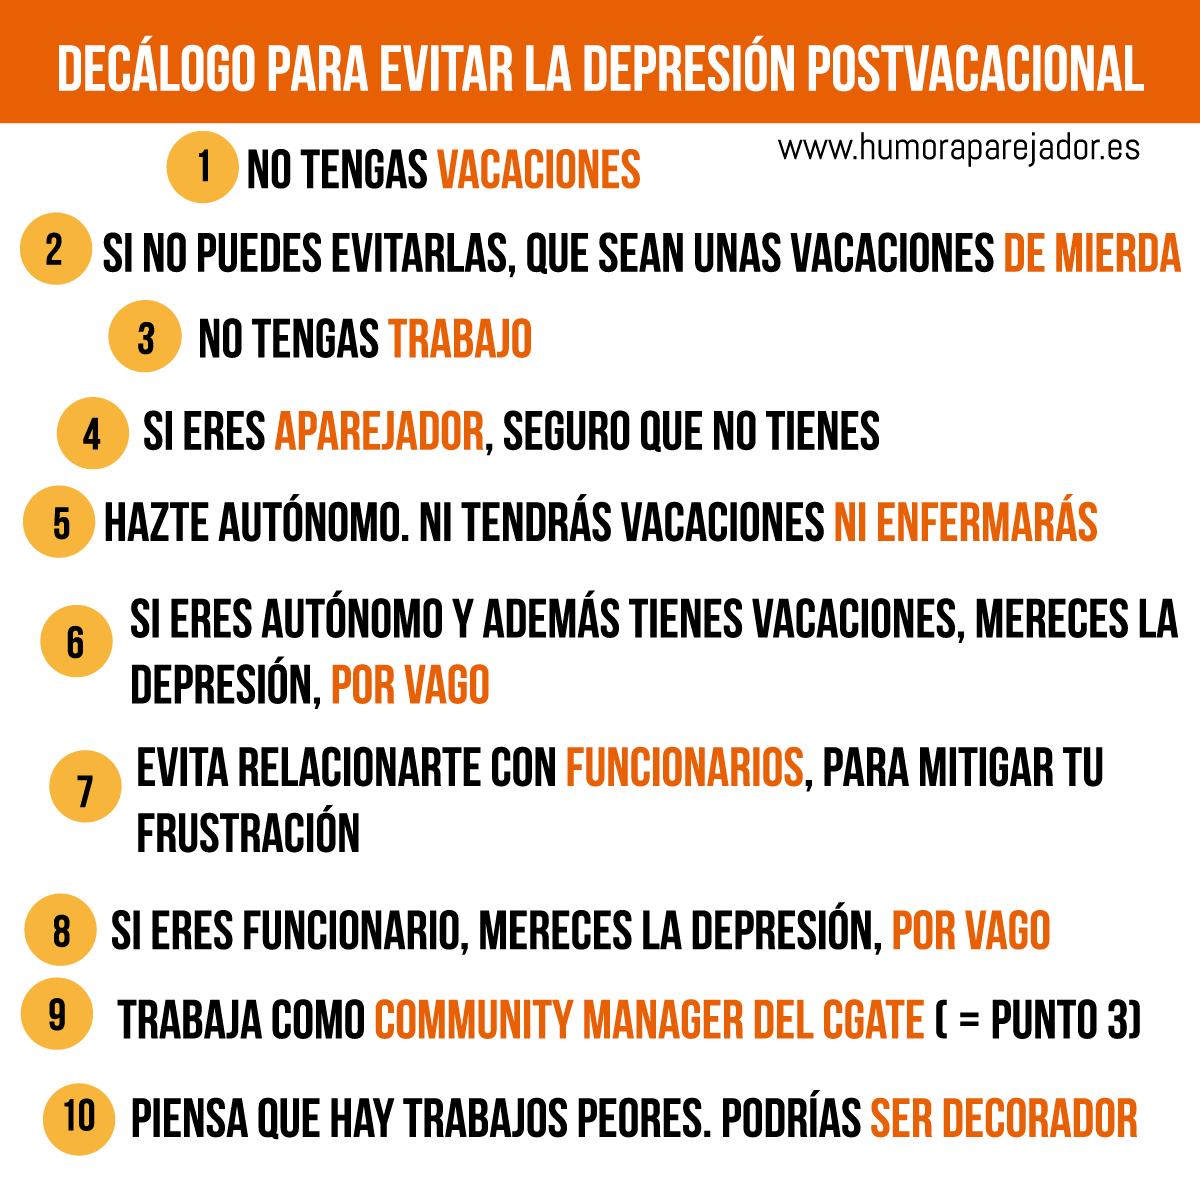 Humor aparejador - Consejos para superar la depresion ...